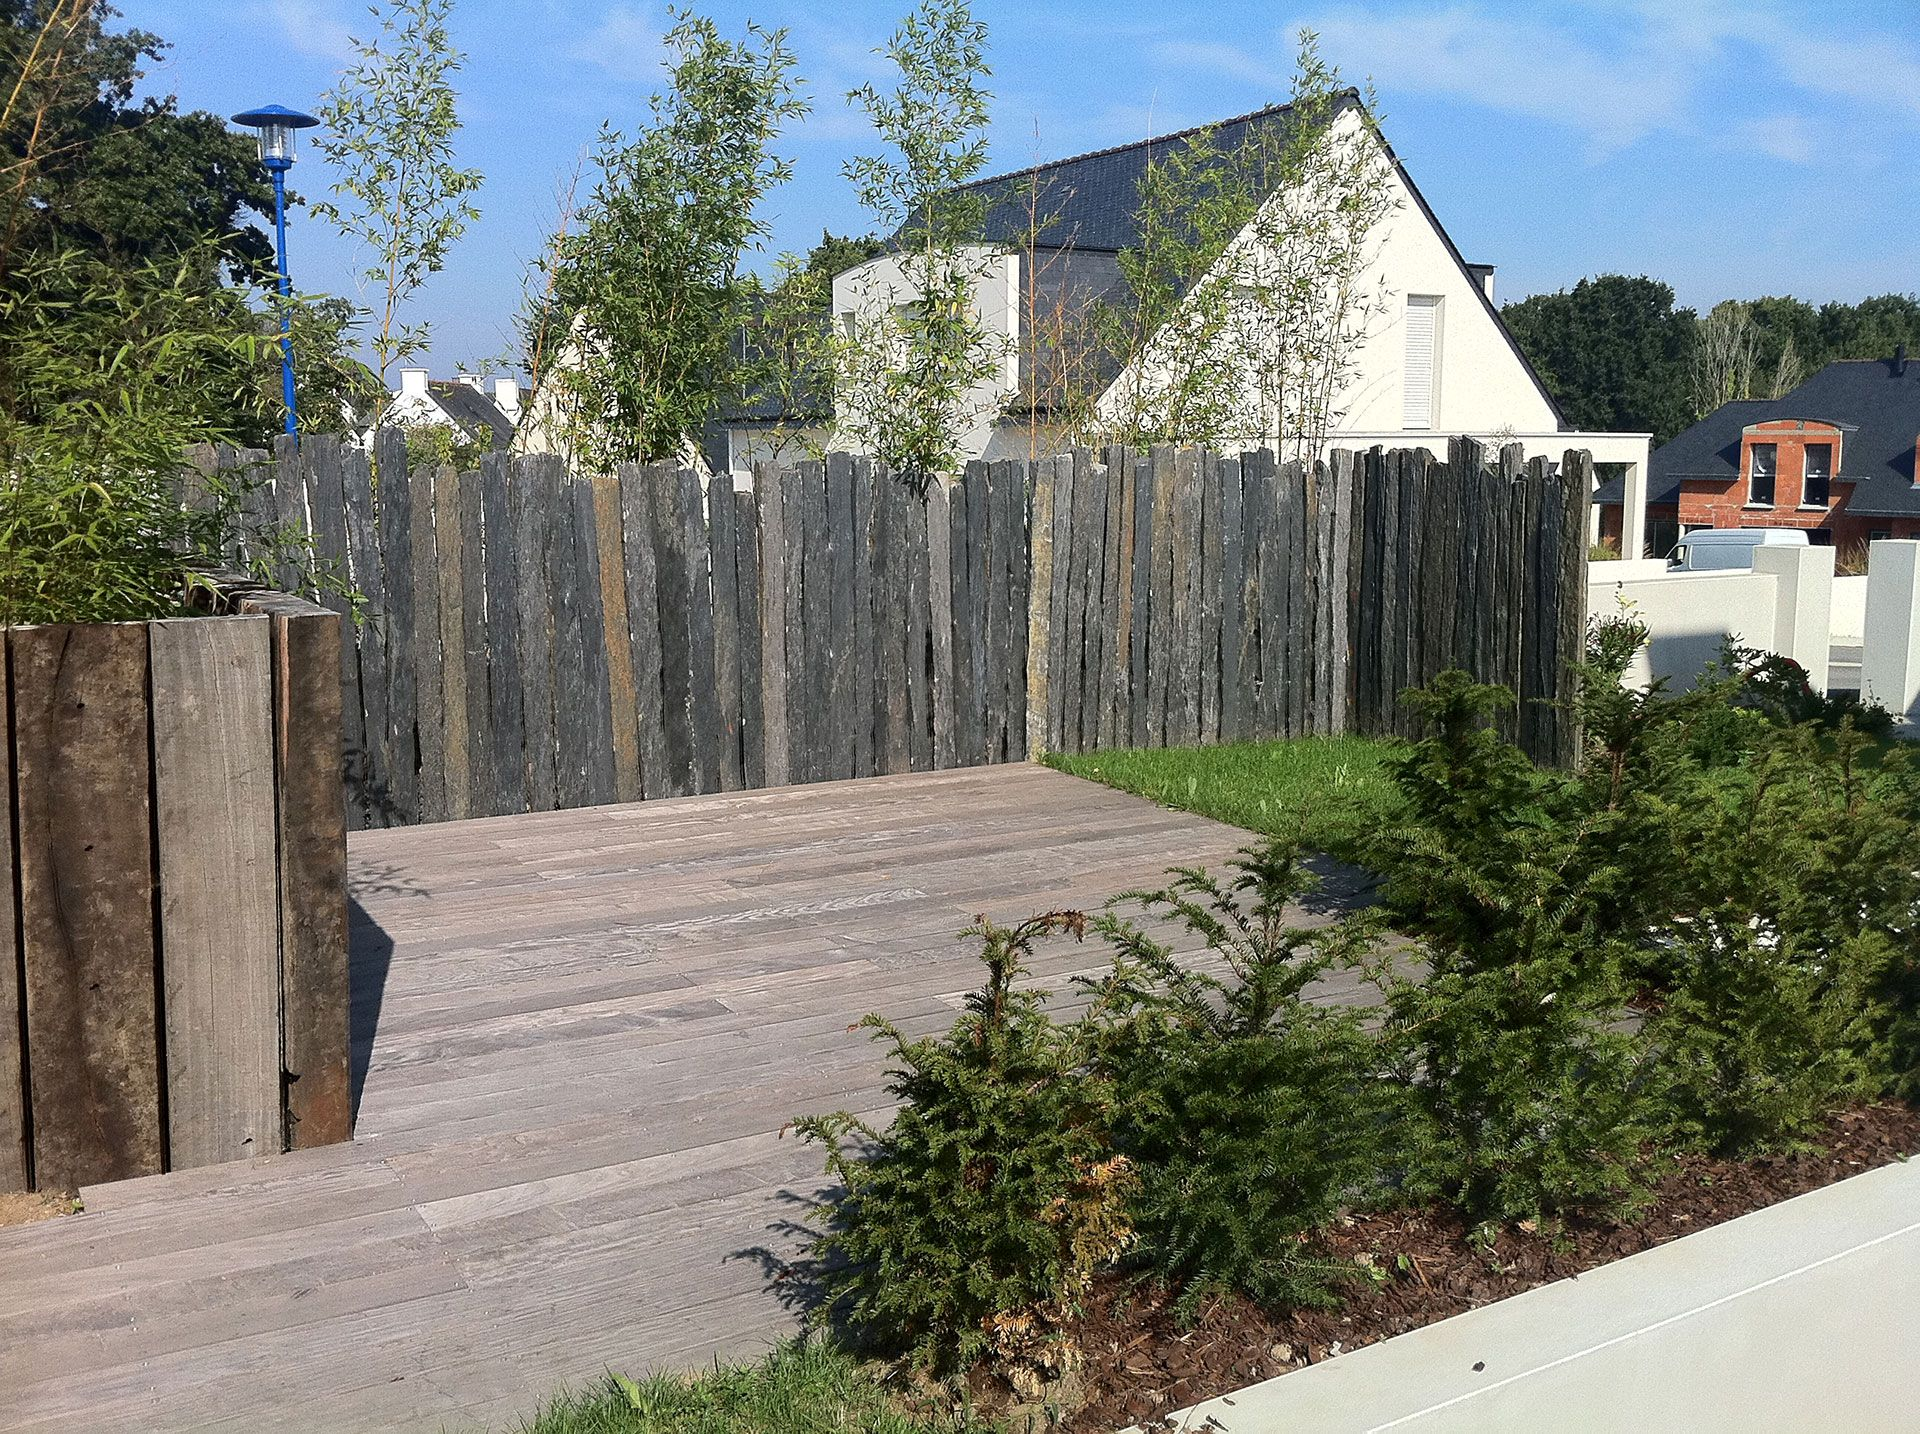 piquet brise vue recherche google ext rieurs pinterest schiste portail et mon jardin. Black Bedroom Furniture Sets. Home Design Ideas